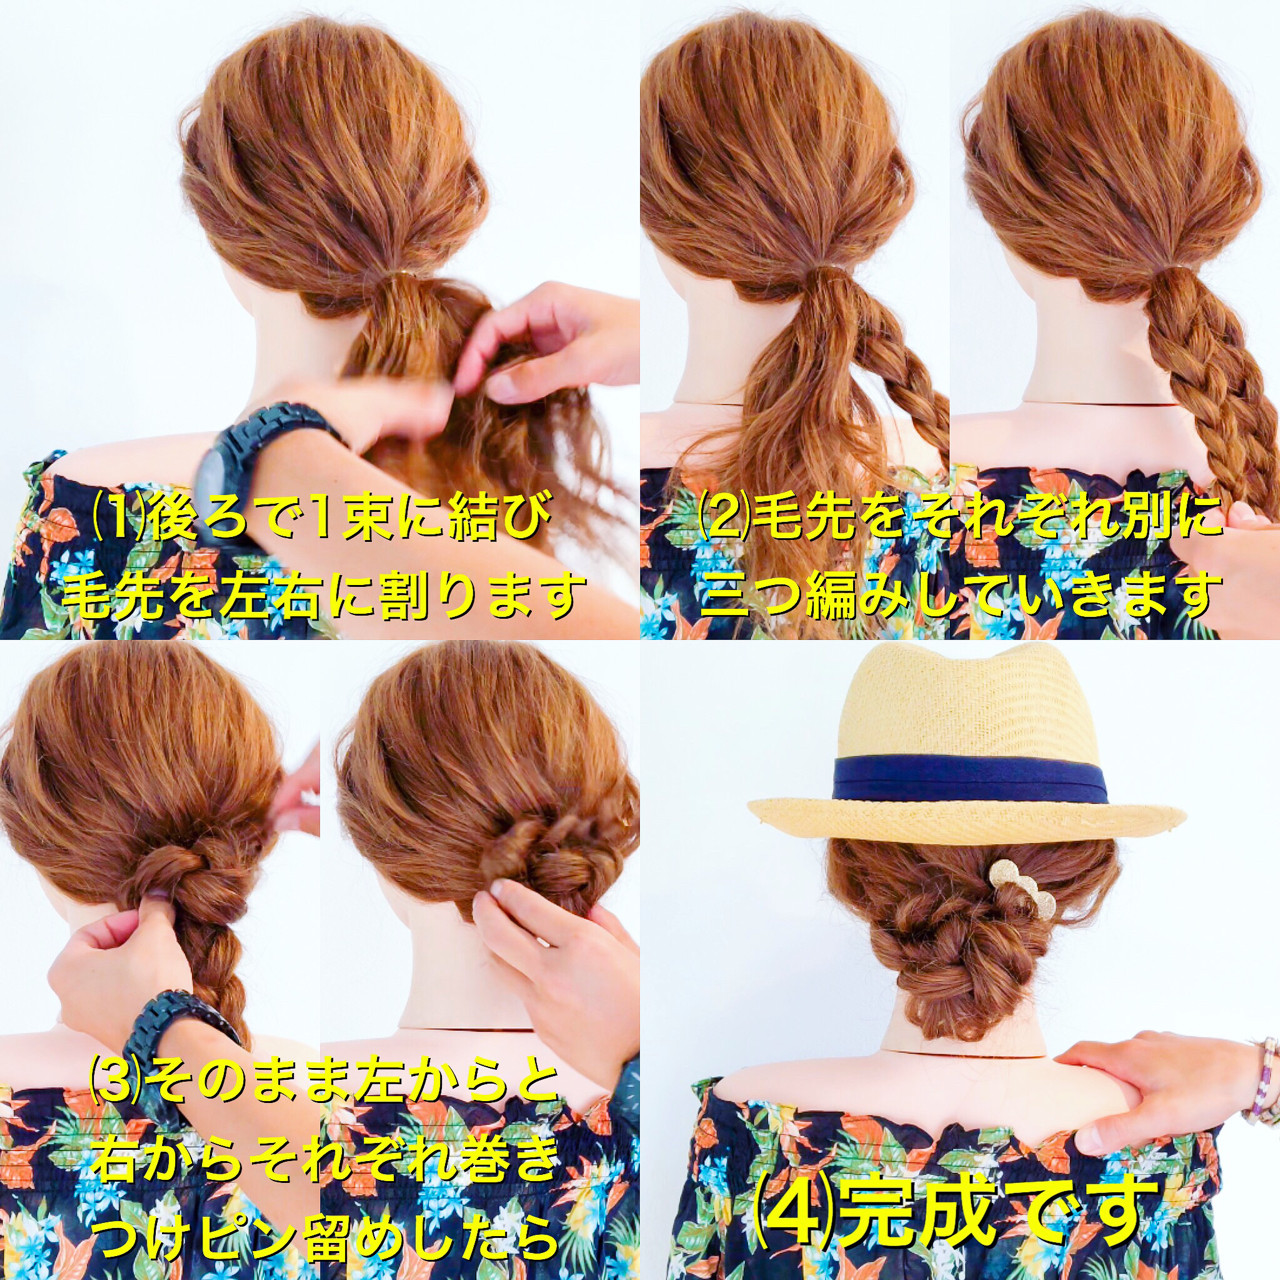 上品 涼しげ デート 大人かわいい ヘアスタイルや髪型の写真・画像 | 美容師HIRO/Amoute代表 / Amoute/アムティ